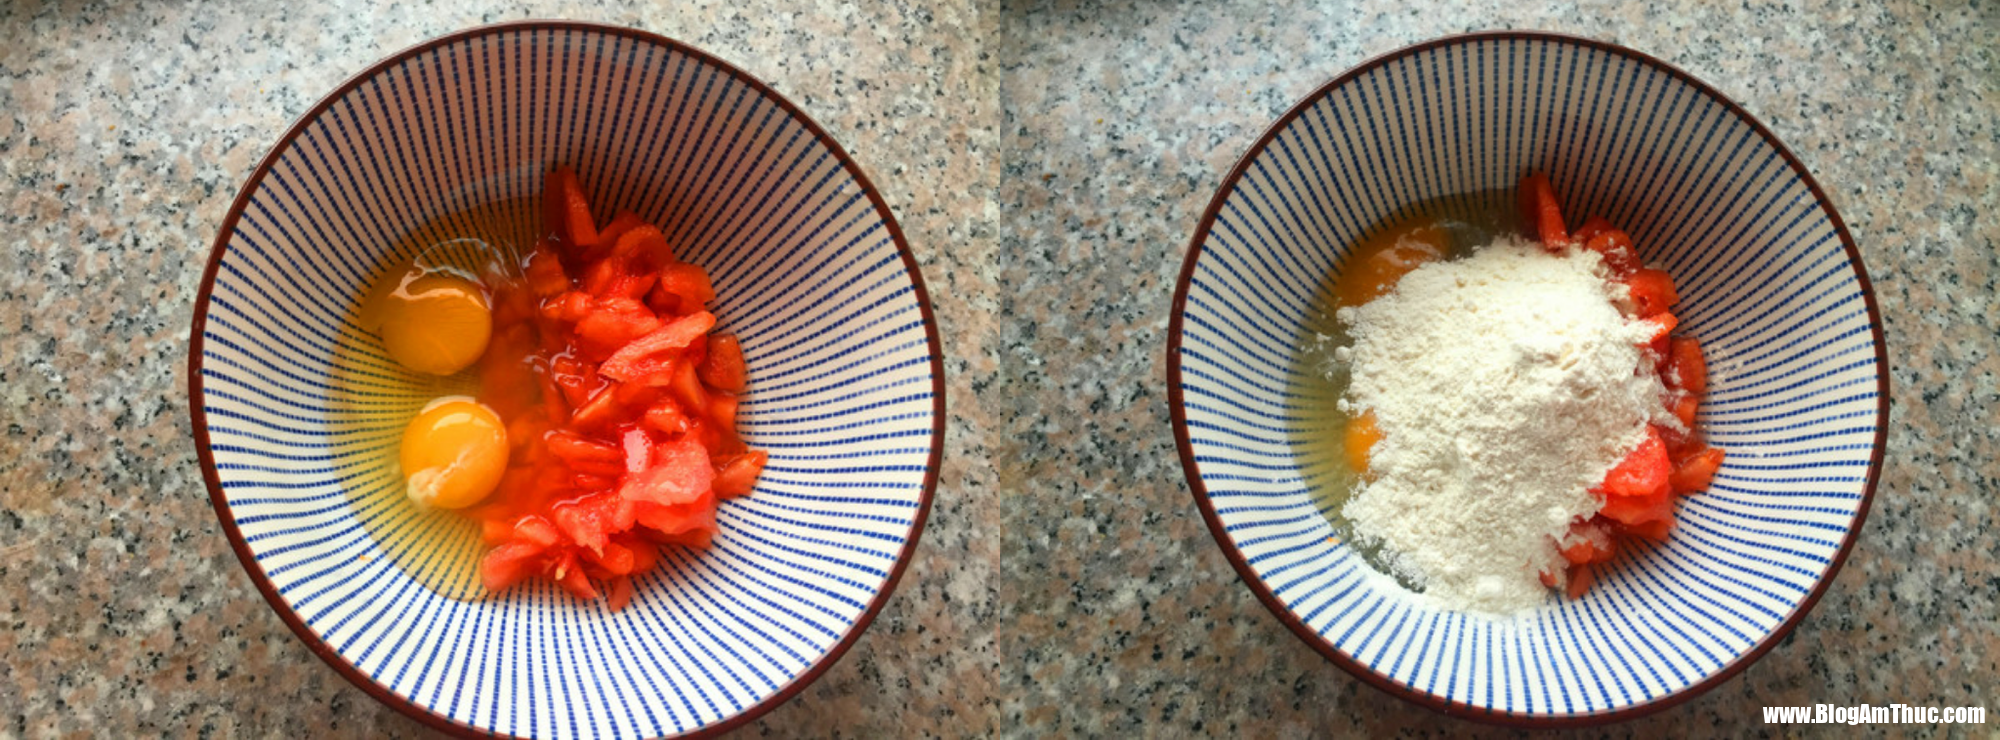 banh trung ca chua 2 1528699141504654156236 Vào bếp với bánh trứng chiên cho bữa sáng!